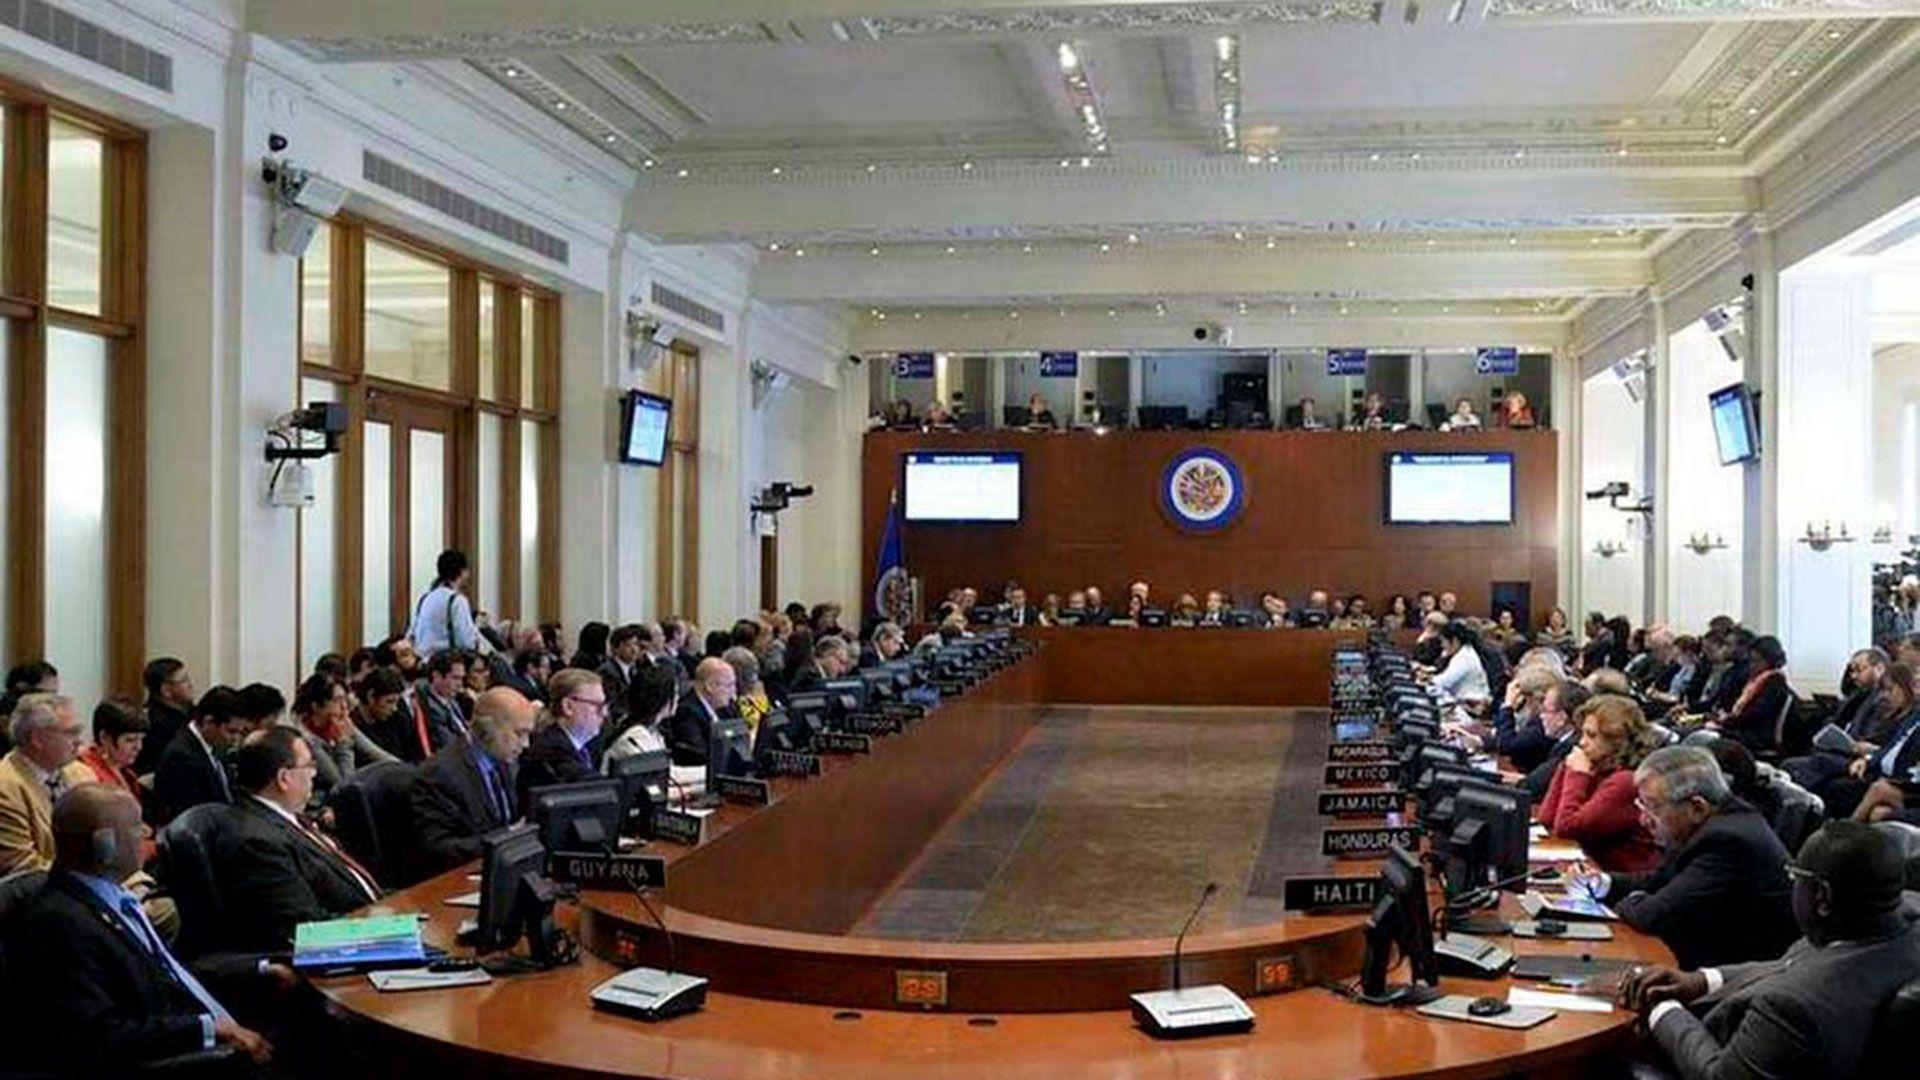 La cumbre de la OEA para definir su nuevo presidente sería cancelada